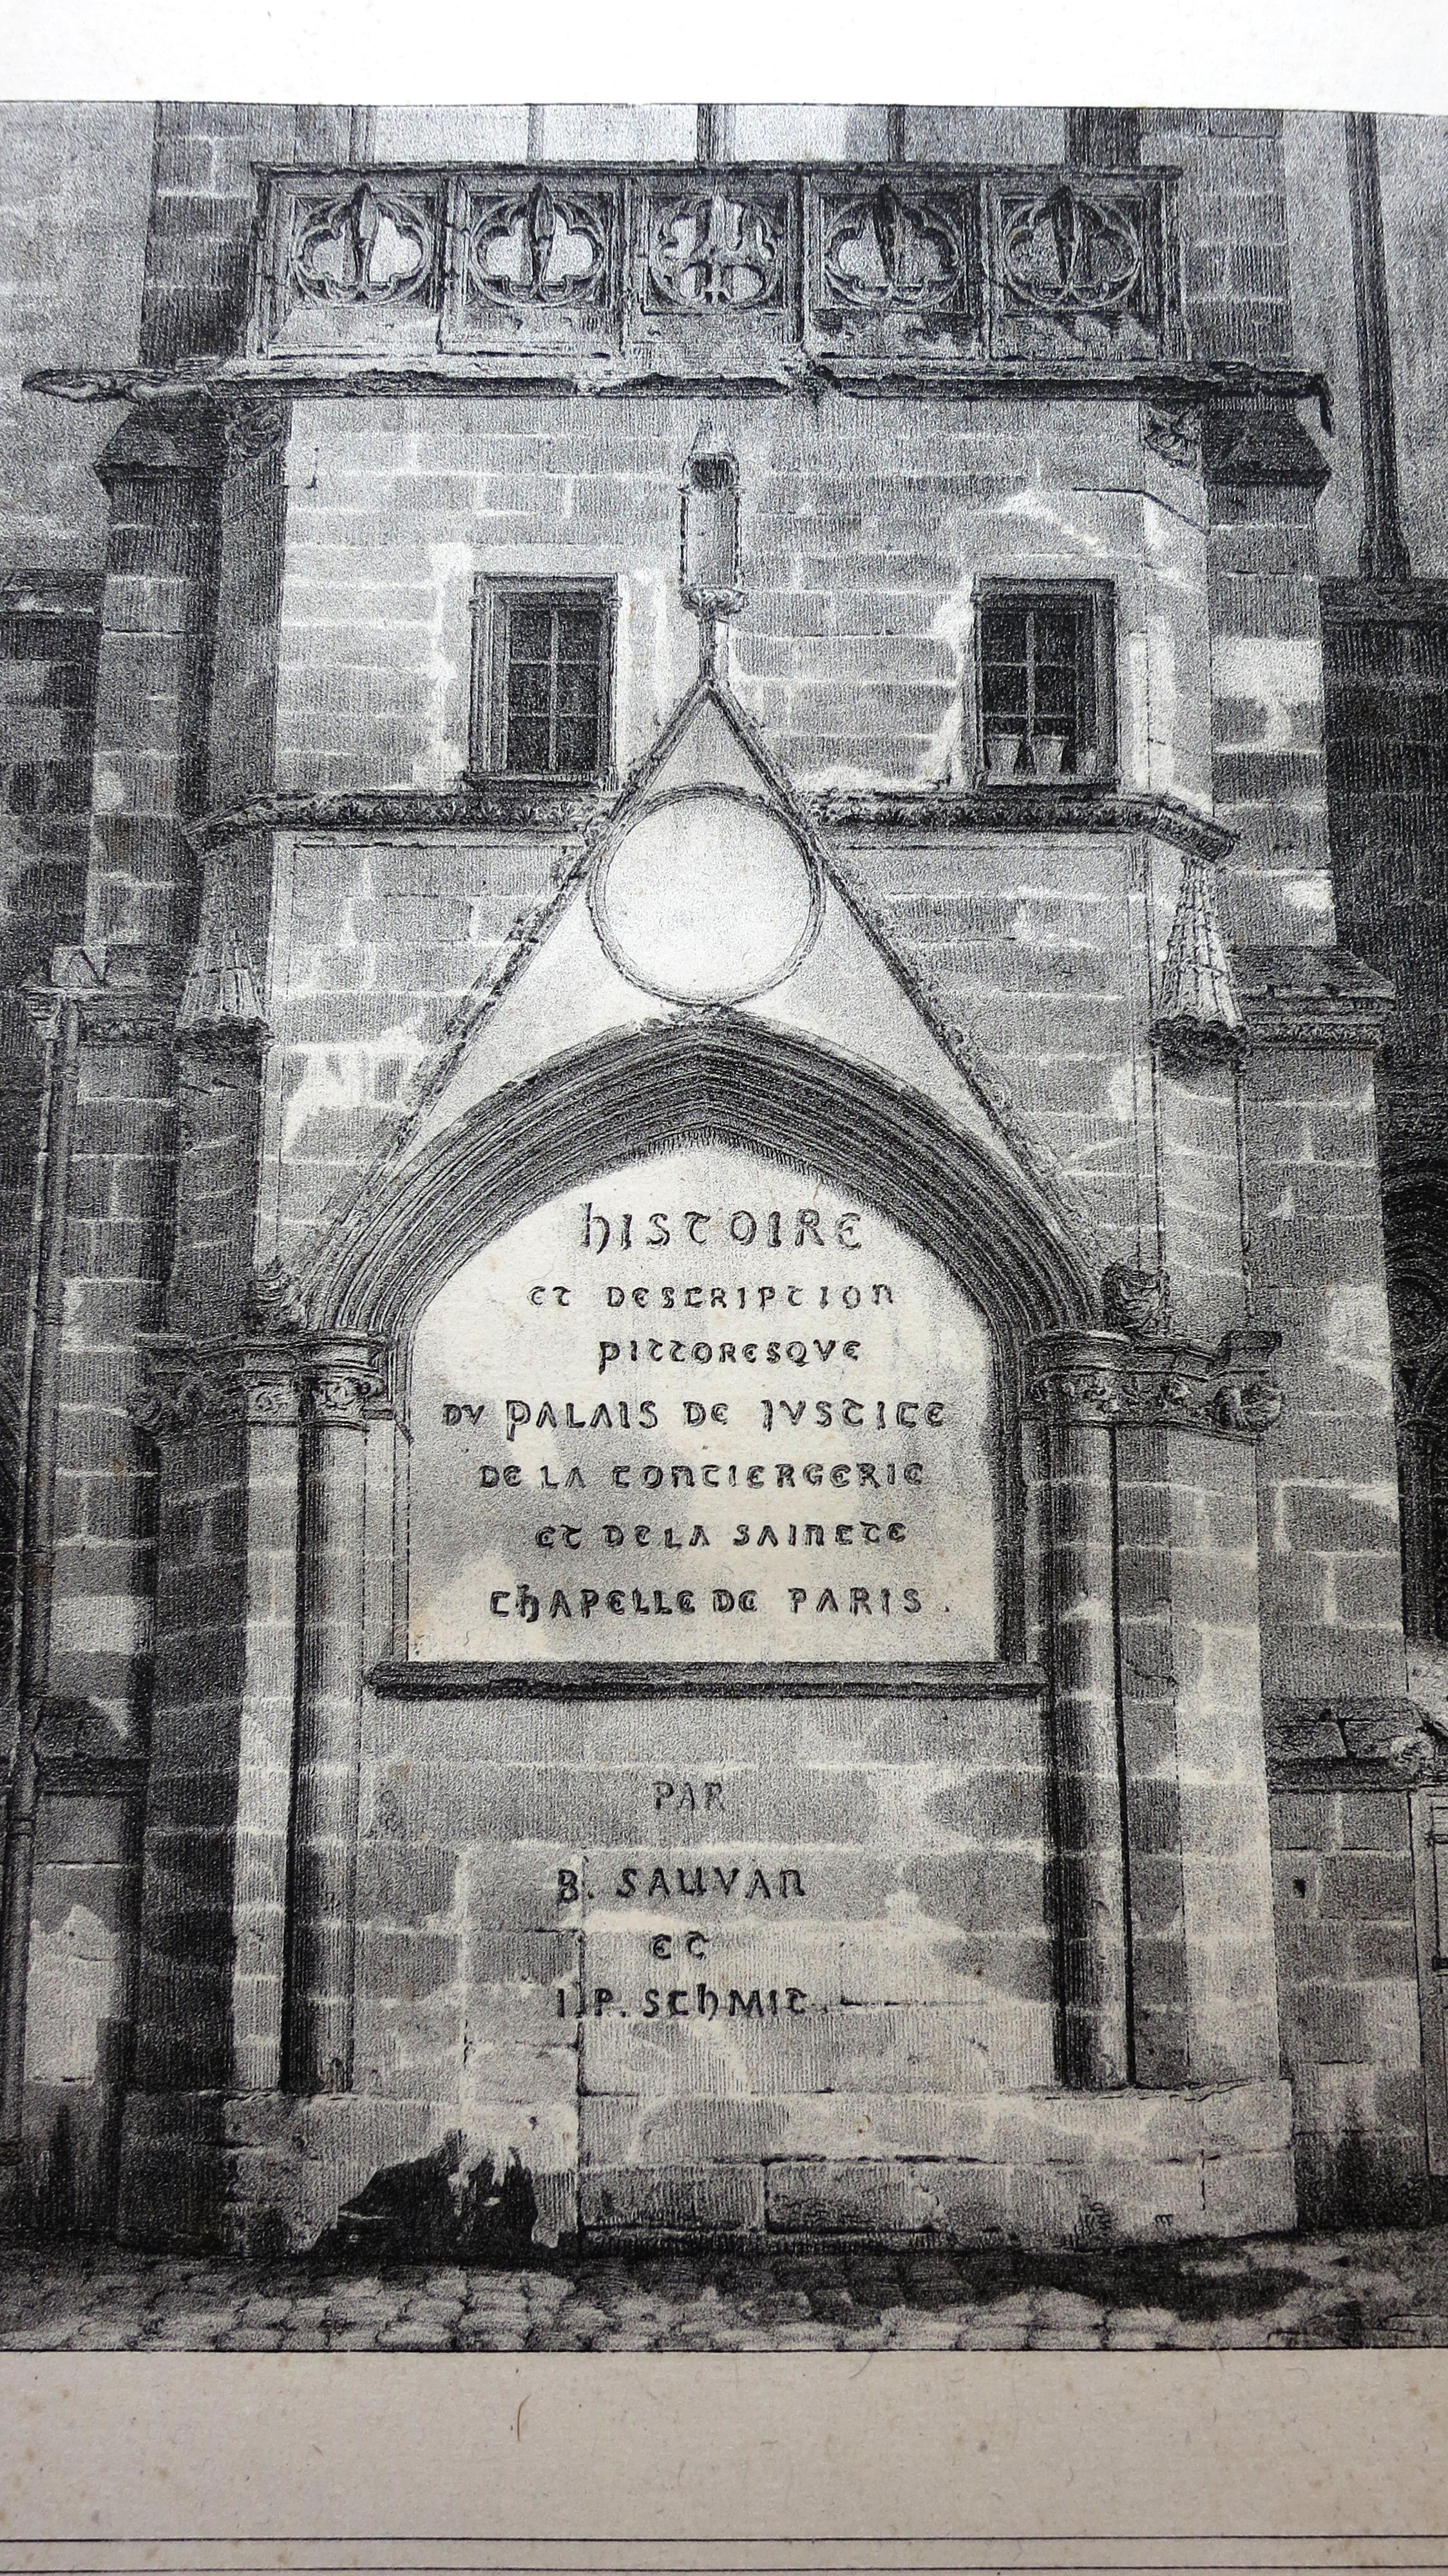 Histoire et description pittoresque du Palais de Justice de la Conciergerie et de la Sainte Chapelle